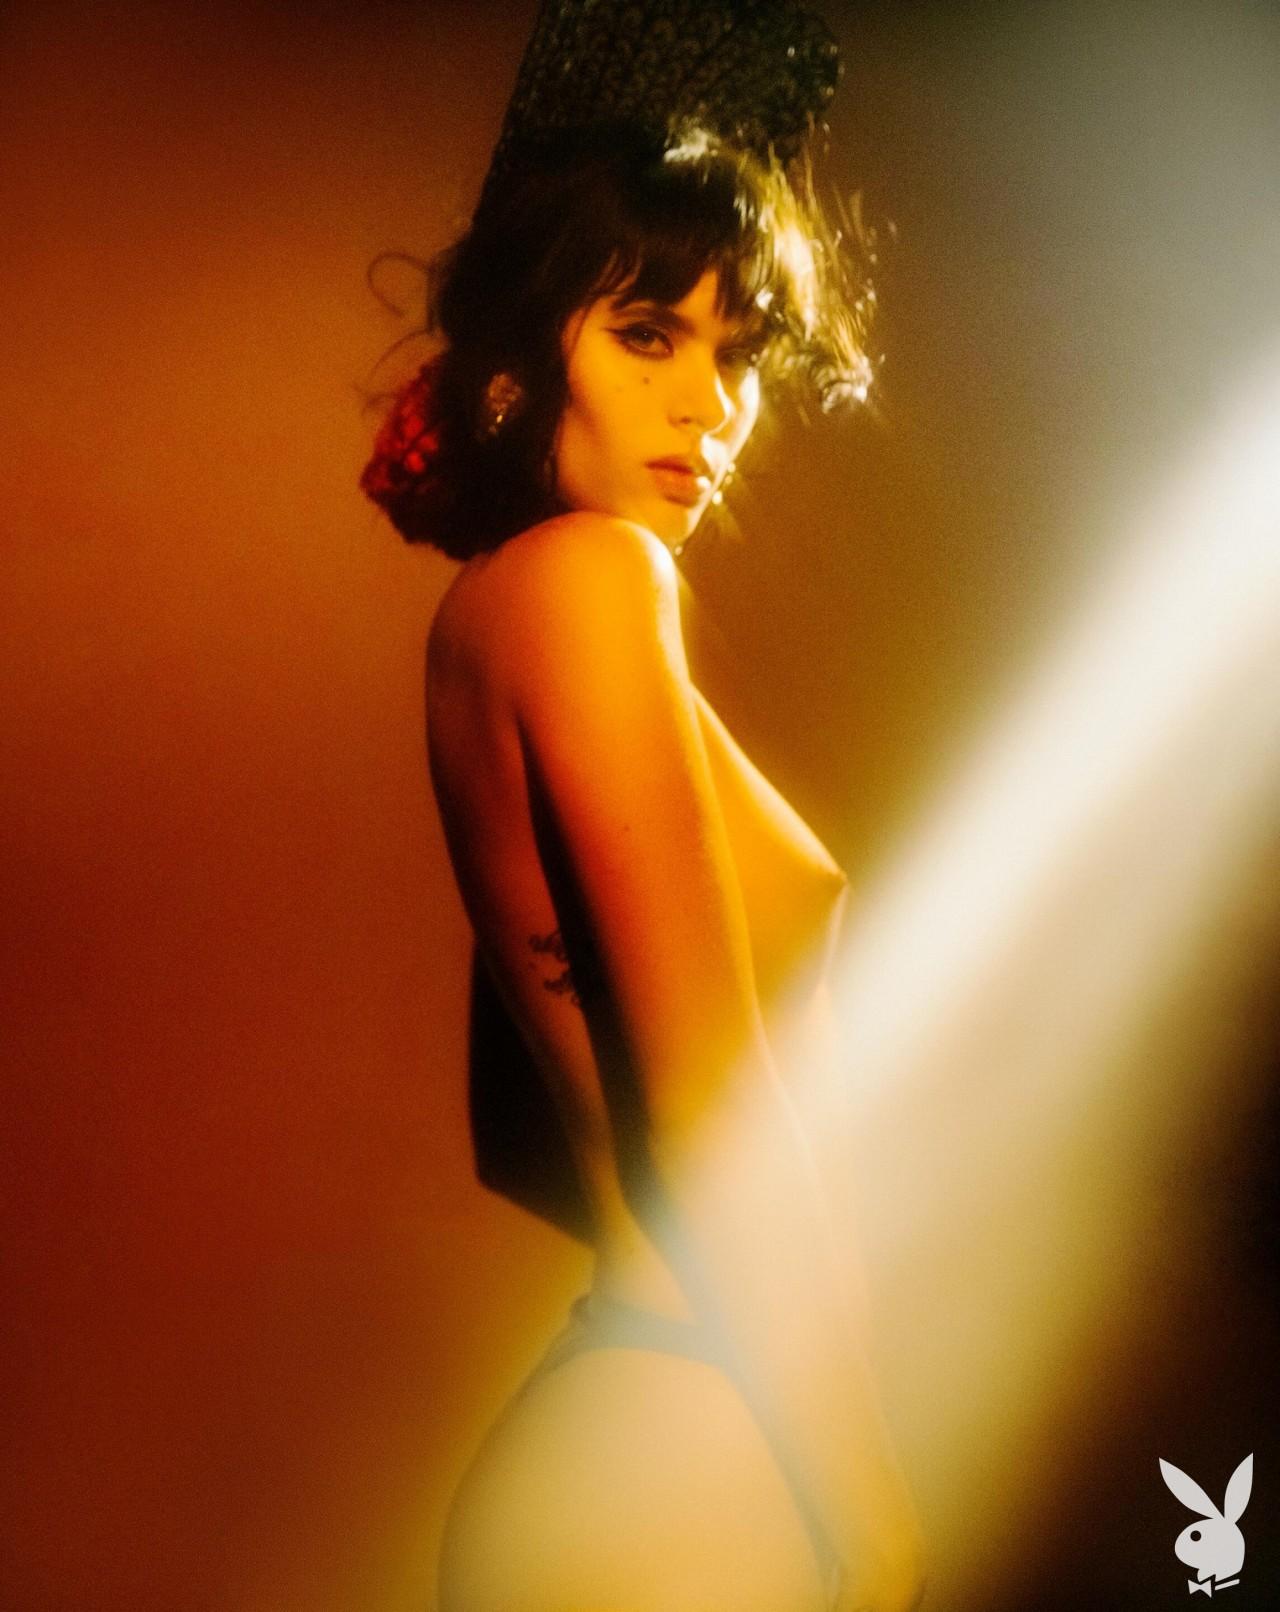 Carolina Ballesteros Playmate Outtakes Playboy Plus (6)